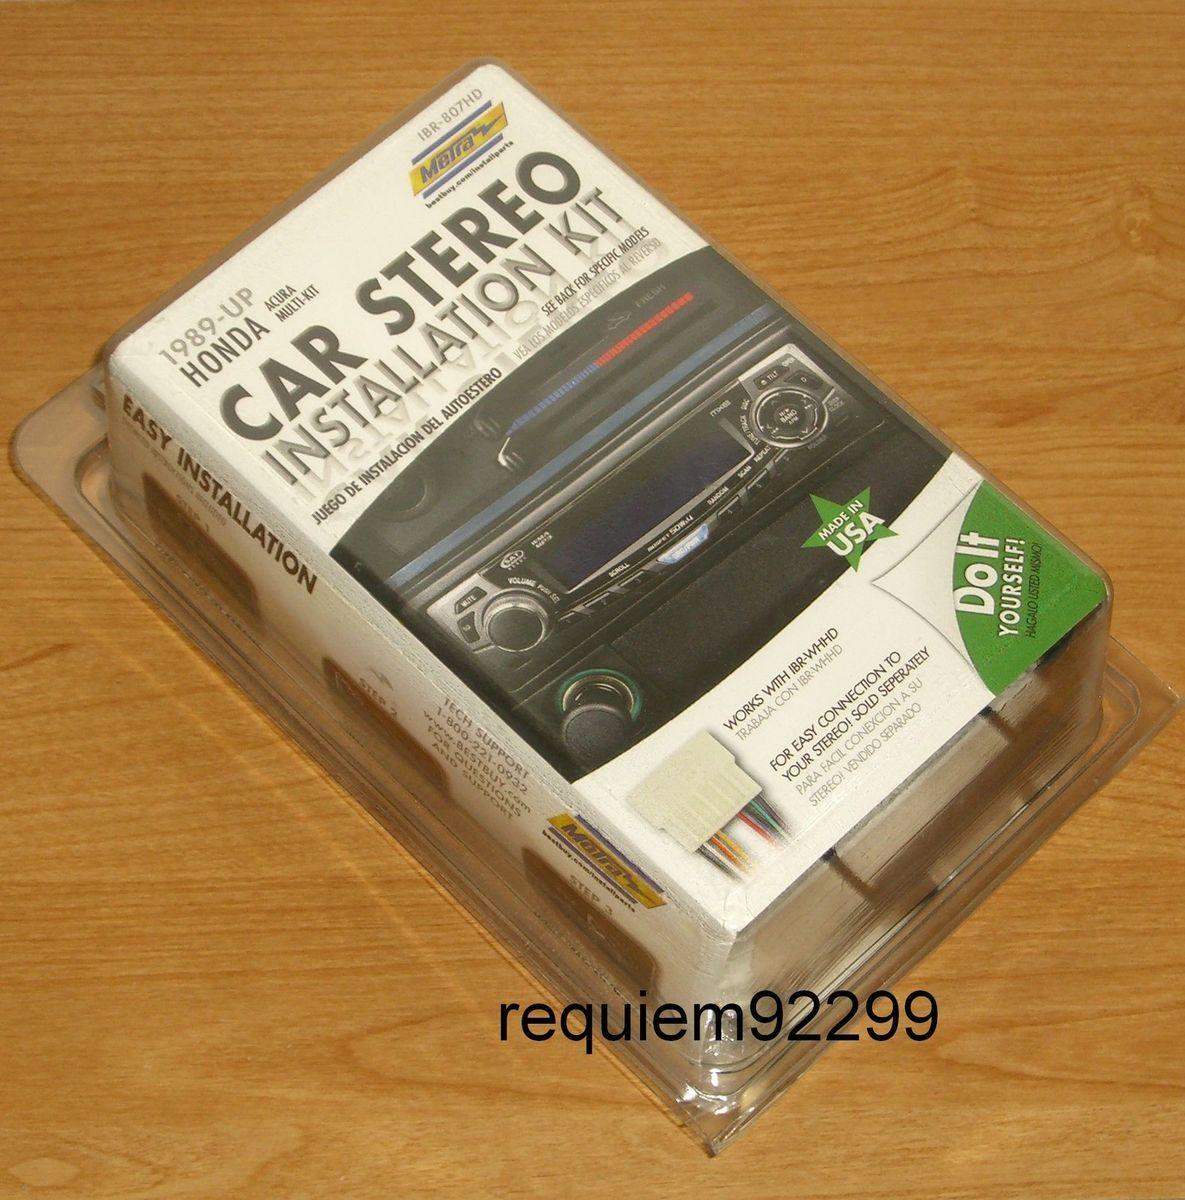 IBR 807HD 1989 UP HONDA ACURA SINGLE DIN CAR STEREO RADIO INSTALL KIT